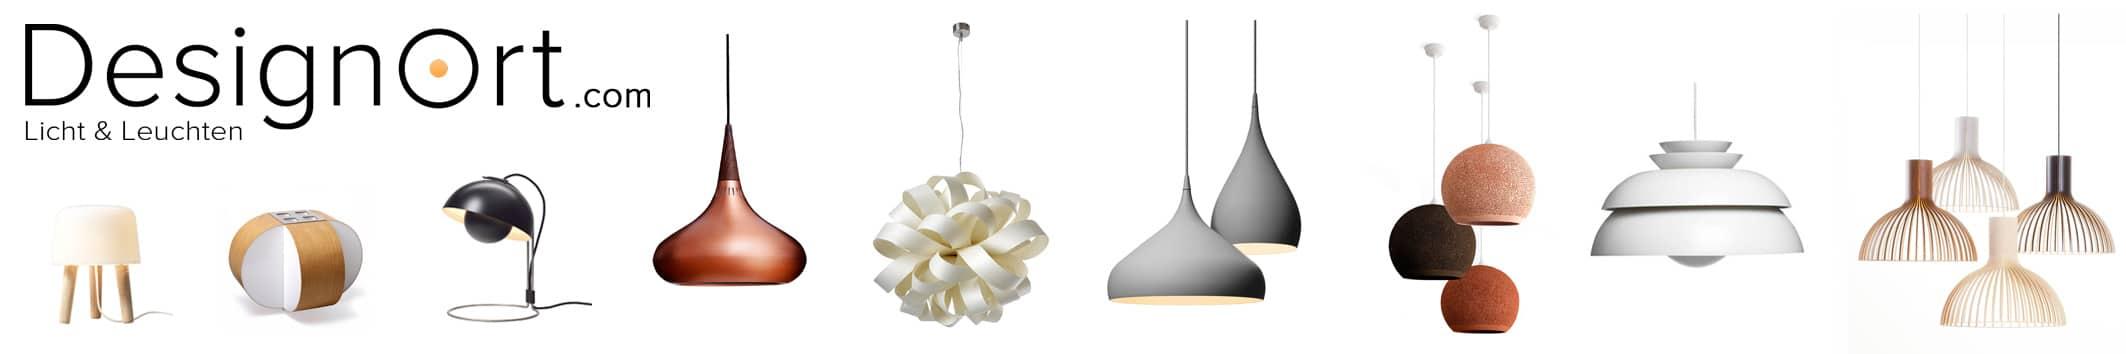 Designort: Designlampen und Designleuchten Berlin